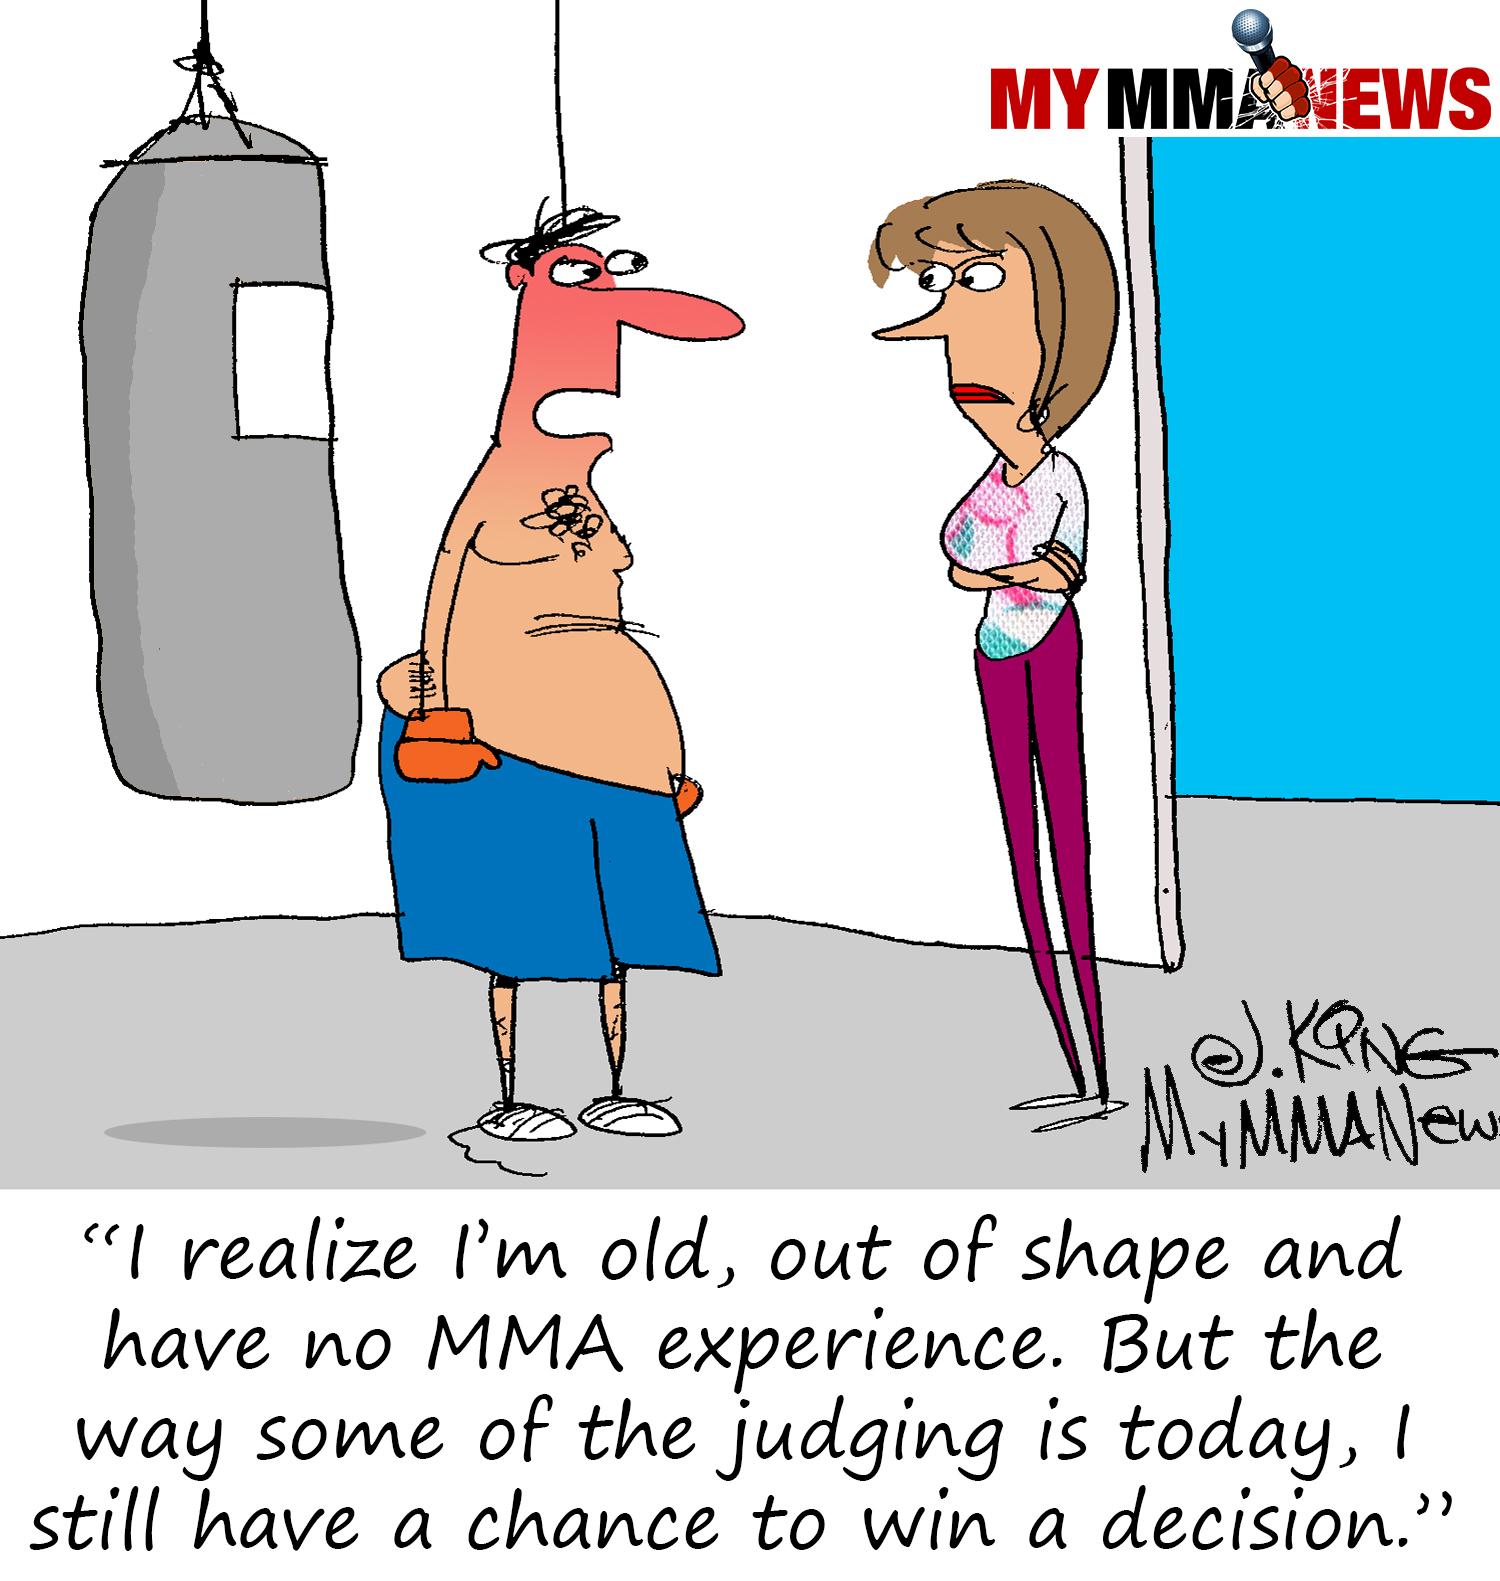 judging, mma judging